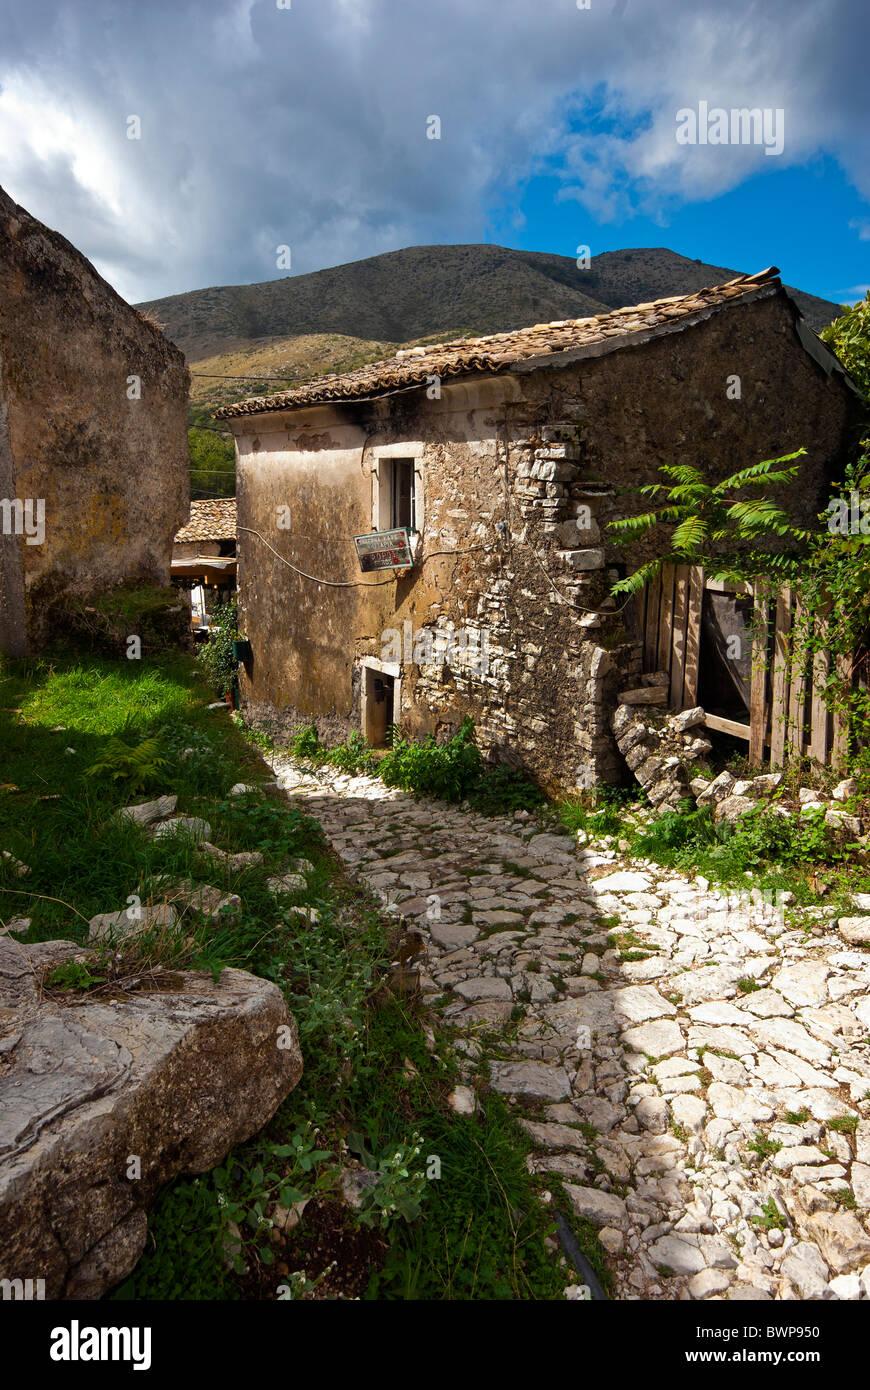 Street in Old Perithia, Corfu, Ionian Islands Greece. - Stock Image